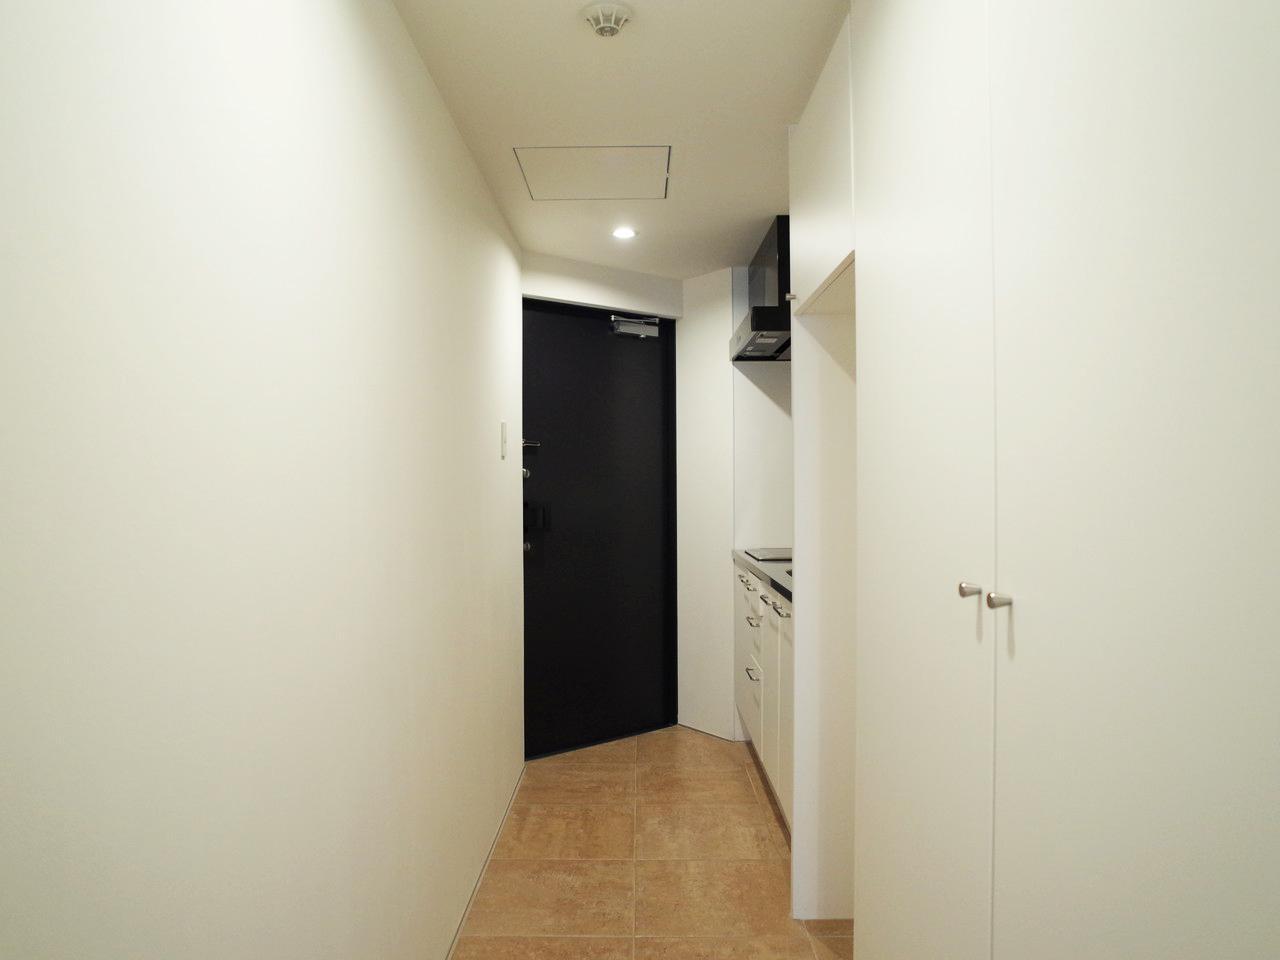 右手に小さめの収納と冷蔵庫置き場があります